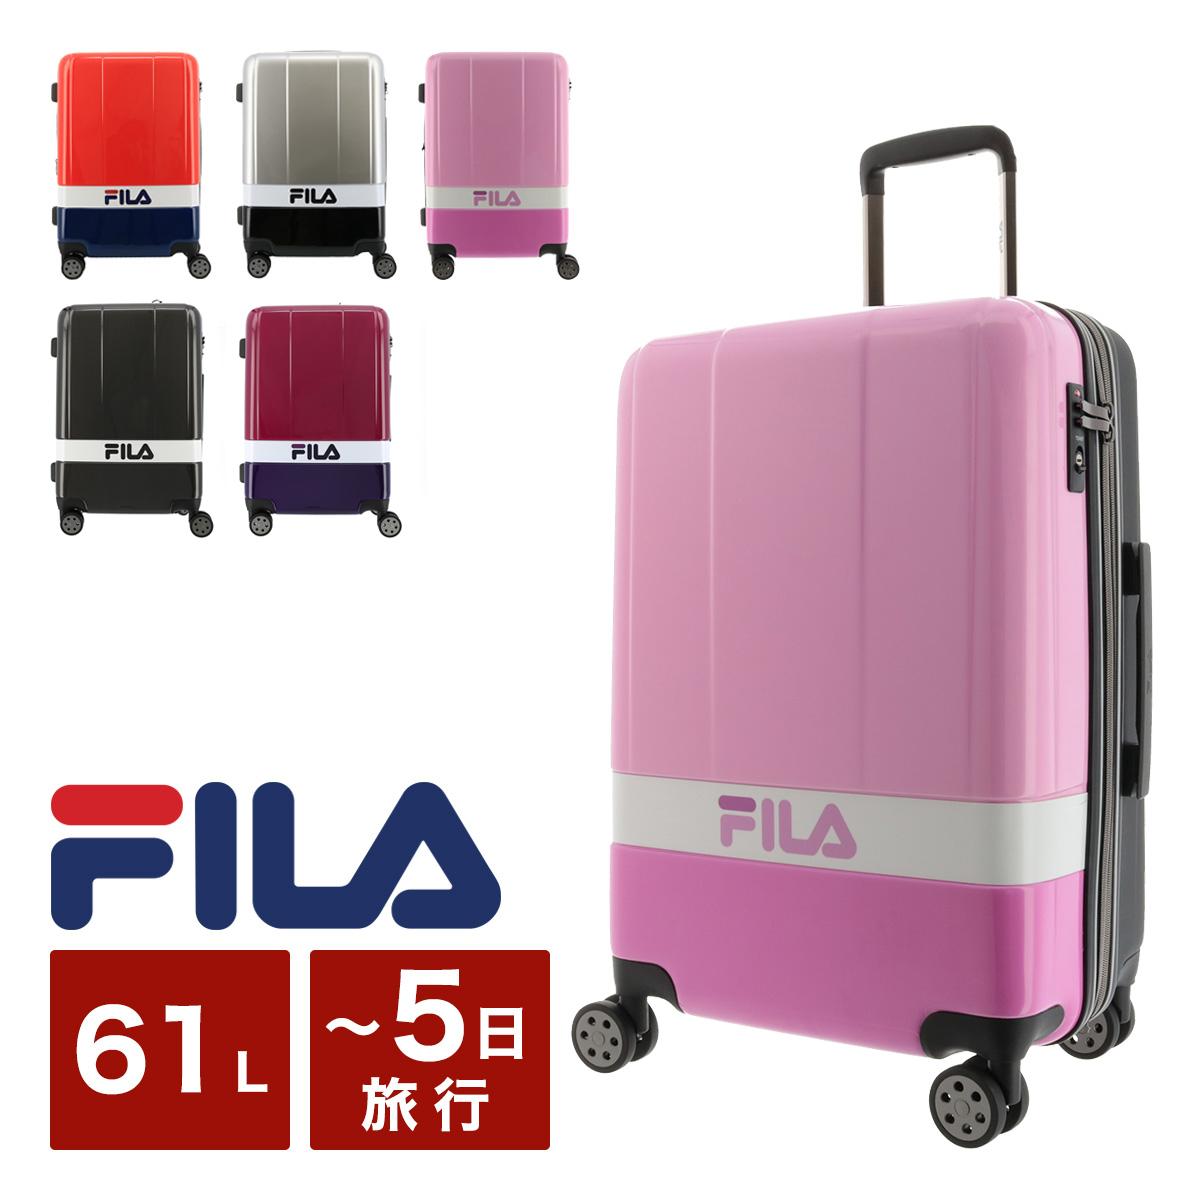 フィラ スーツケース 56cm ハード 260-1001 FILA キャリーケース TSAロック搭載 メンズ レディース 男女兼用[即日発送]